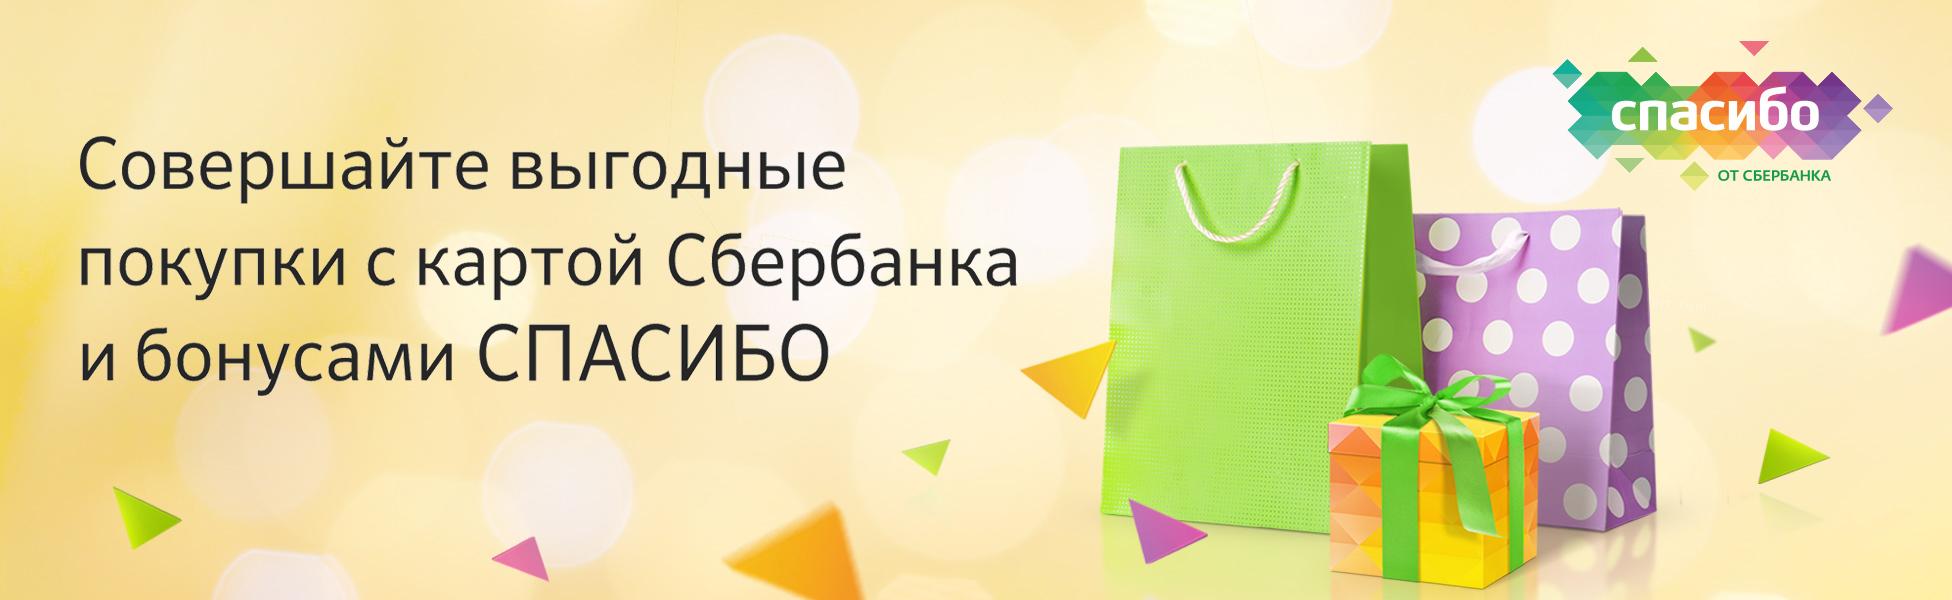 """Бонусы """"Спасибо"""" от Сбербанка"""